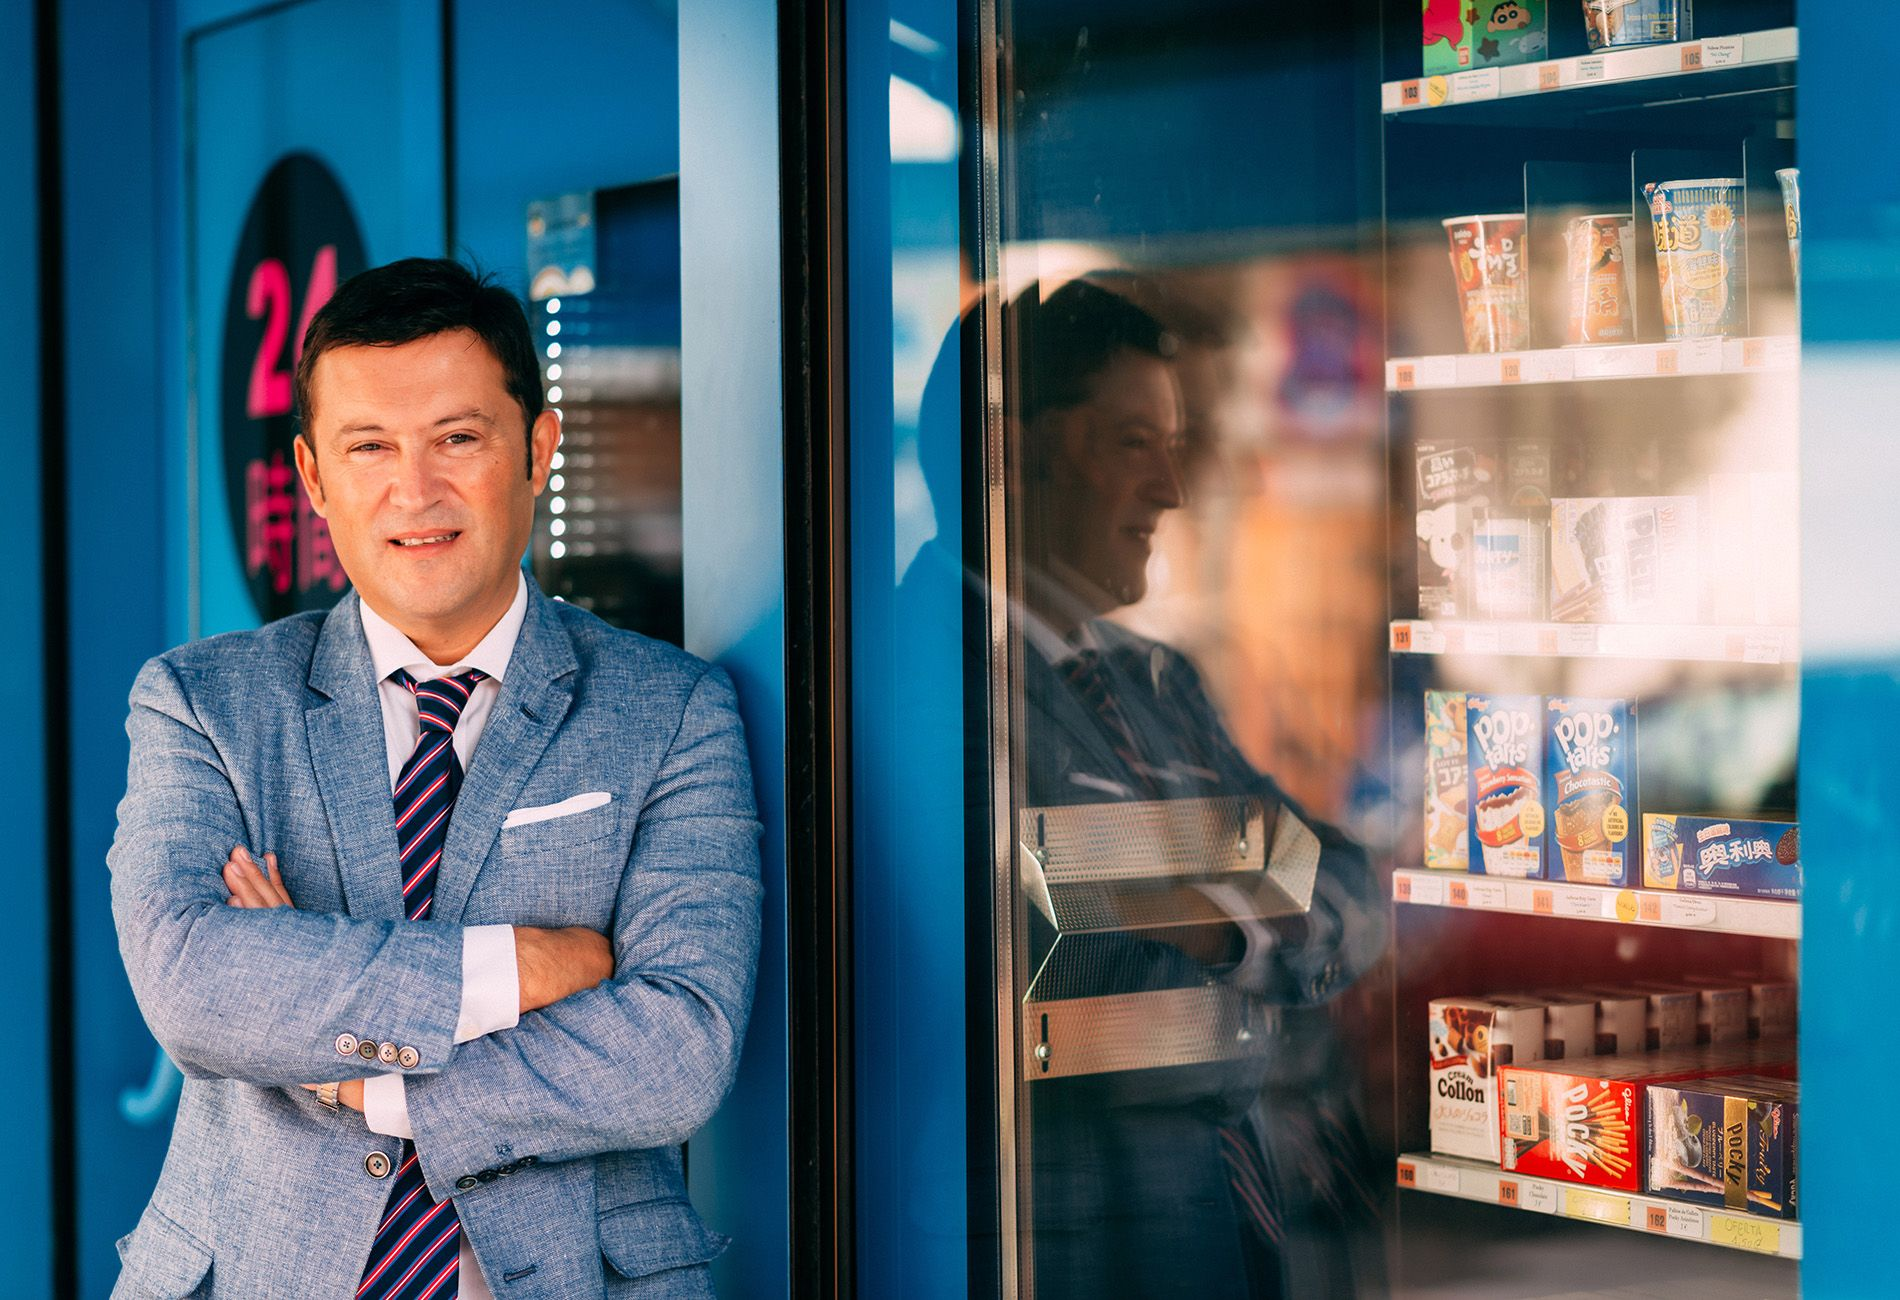 Olevending: los magos del vending imposible - Emprendedores.es